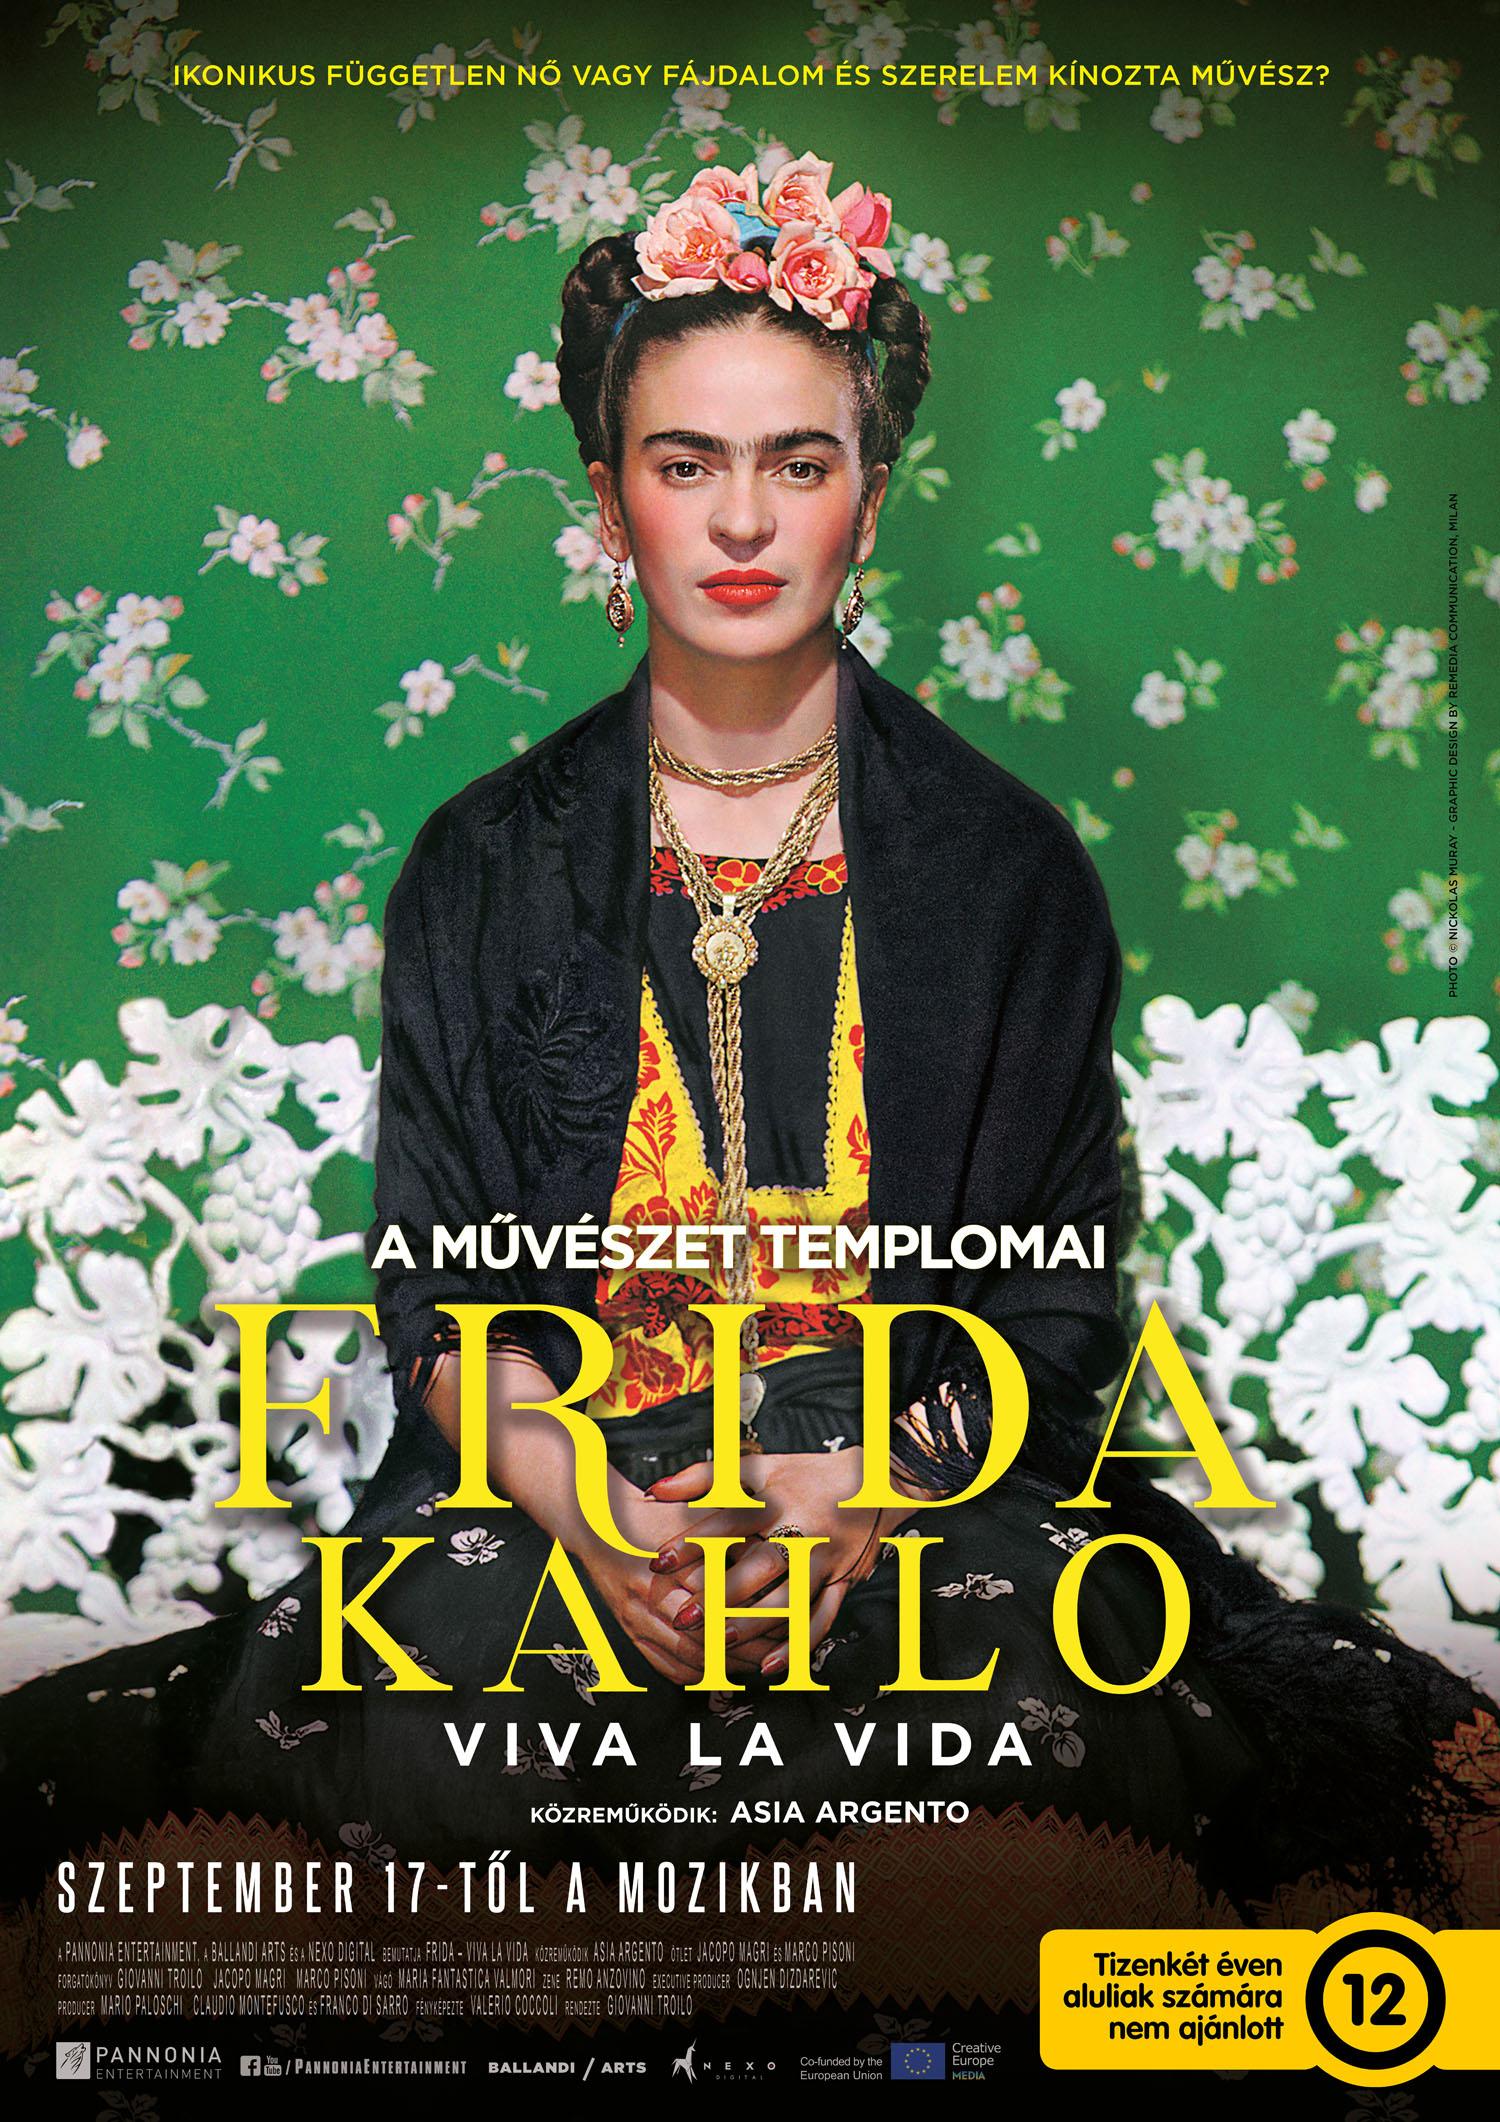 frida_kahlo_viva_la_vida_hun_poster_web.jpg